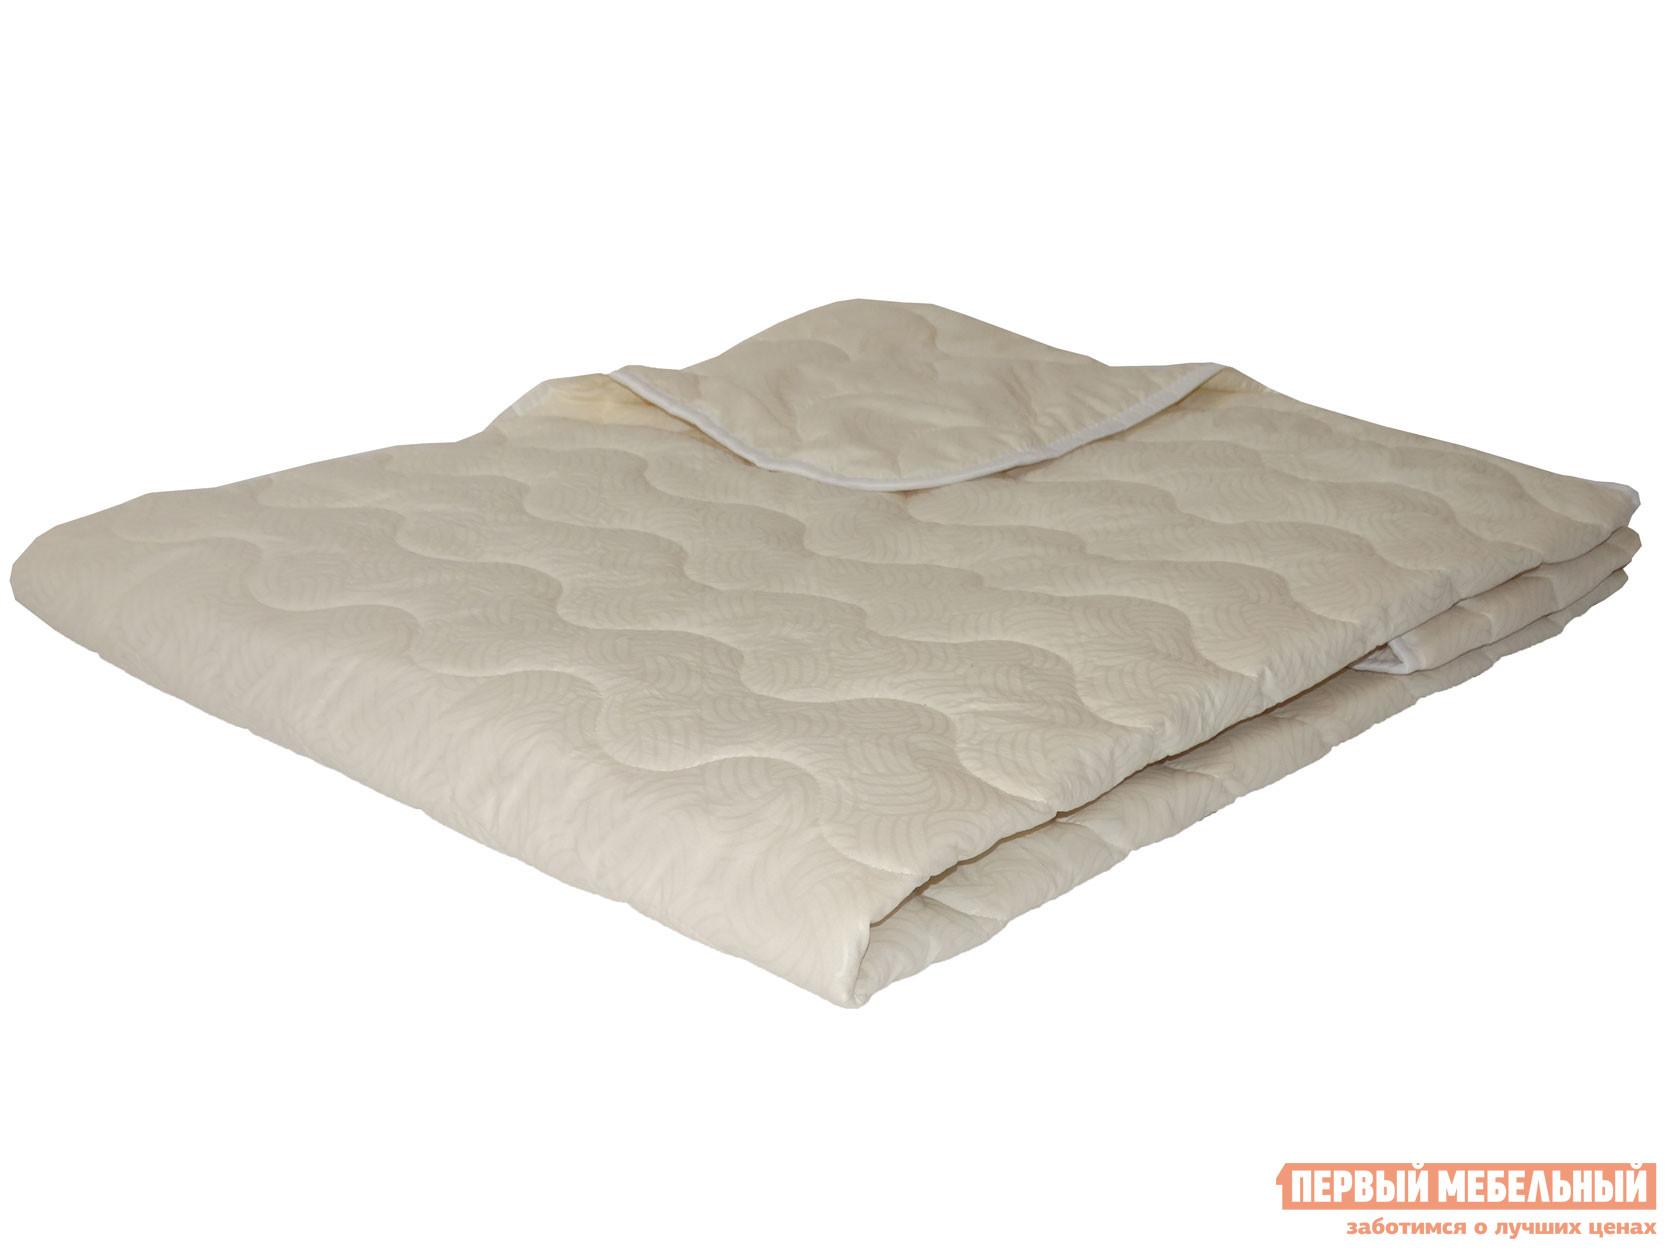 Детское одеяло Первый Мебельный Одеяло микрофибра/шерсть овечья 150 г/м2, легкое, 110х140